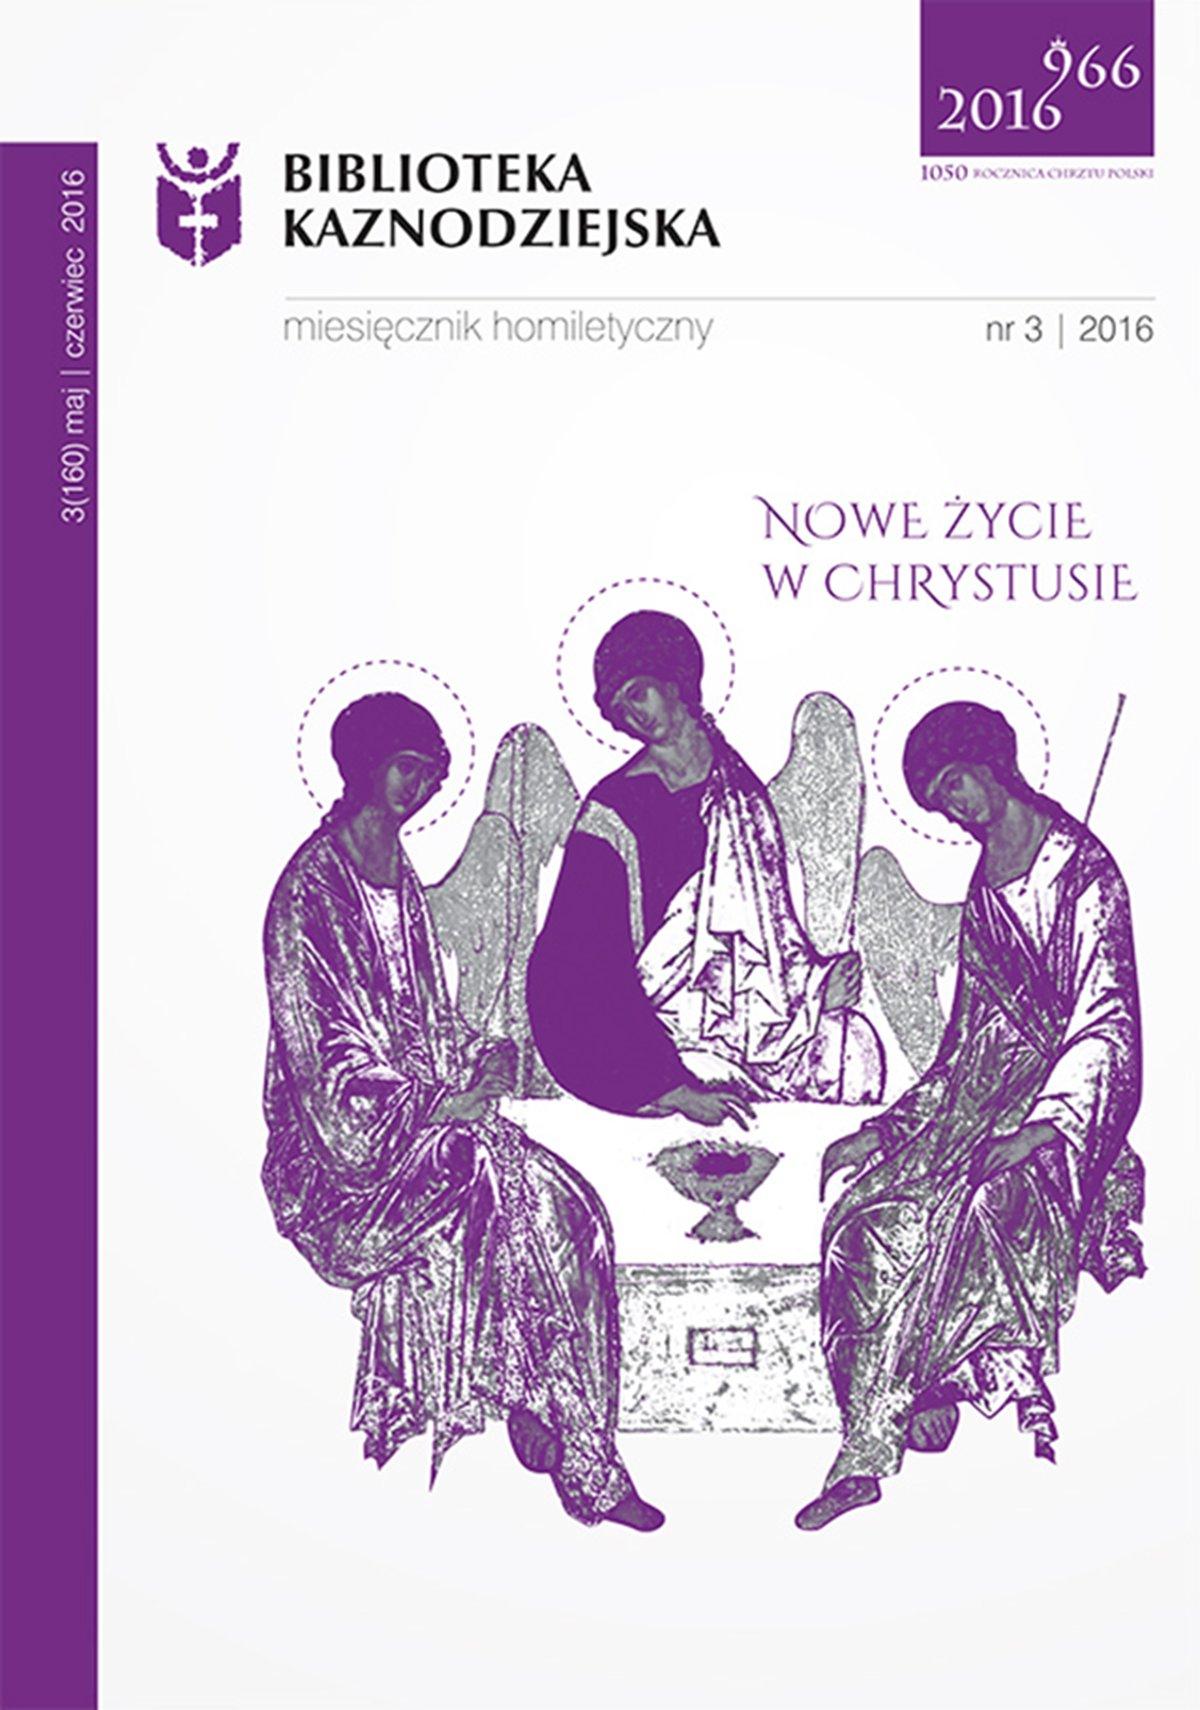 Biblioteka Kaznodziejska nr 03/2016 - Ebook (Książka EPUB) do pobrania w formacie EPUB